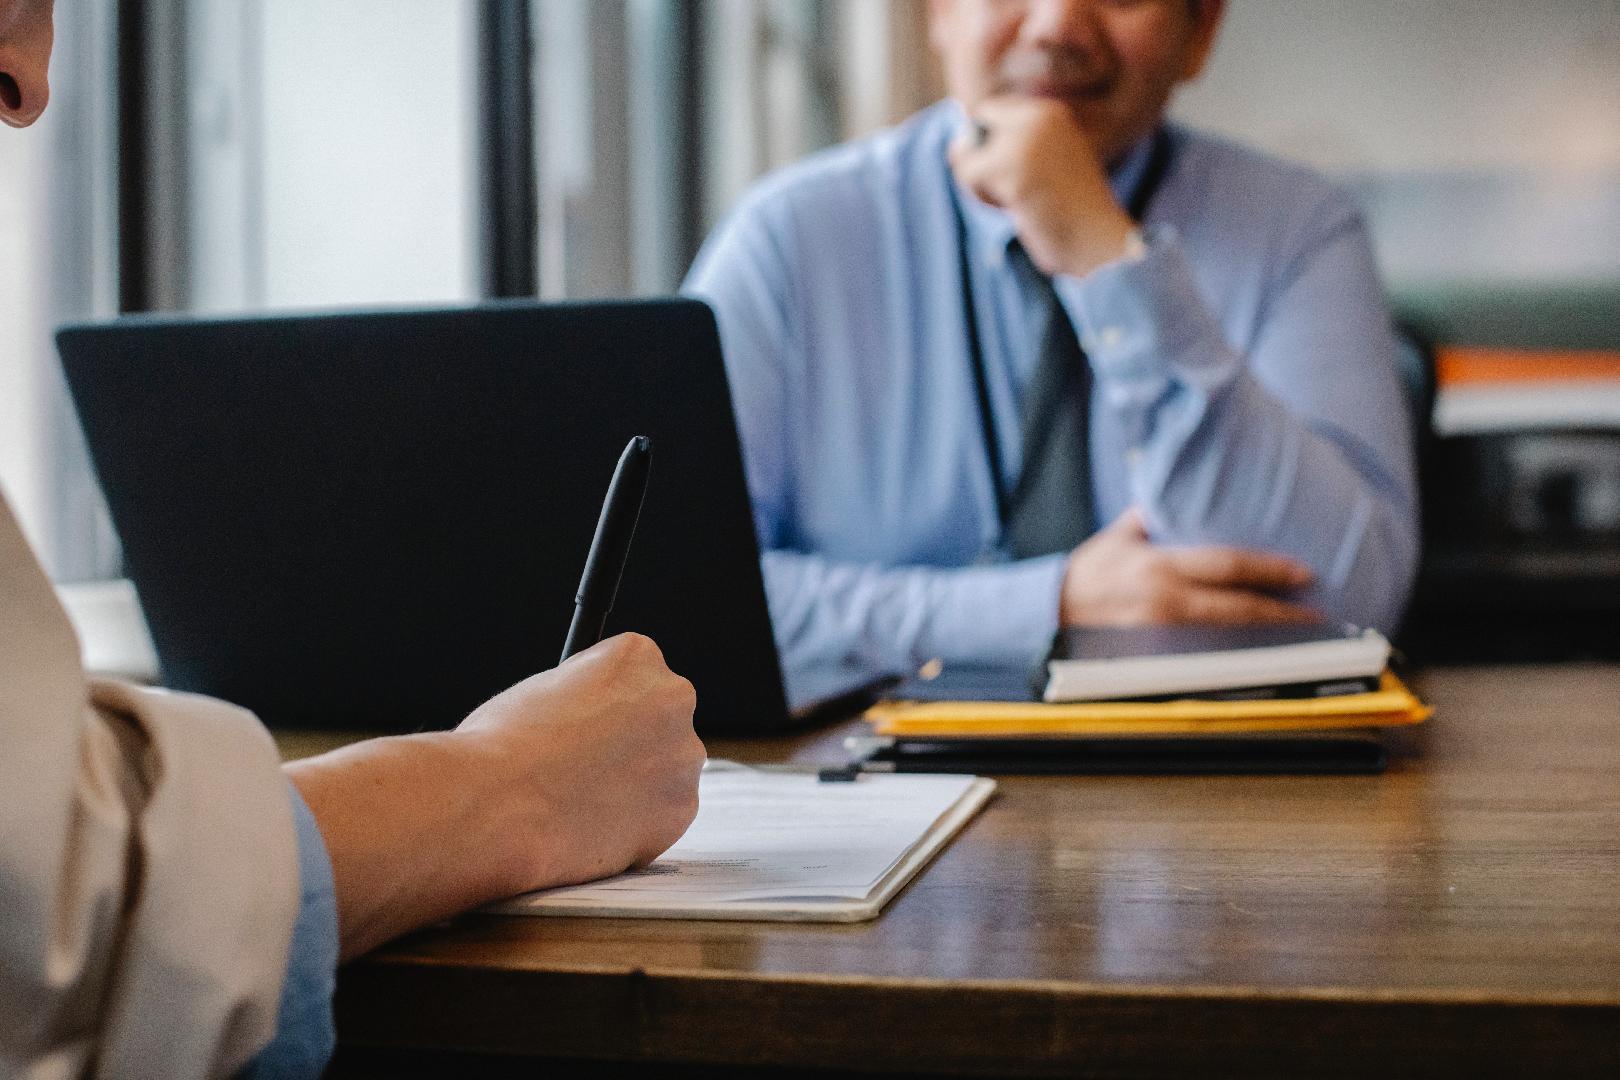 Registro de contratos: ¿por qué es una herramienta fundamental para resguardar los derechos de los odontólogos?